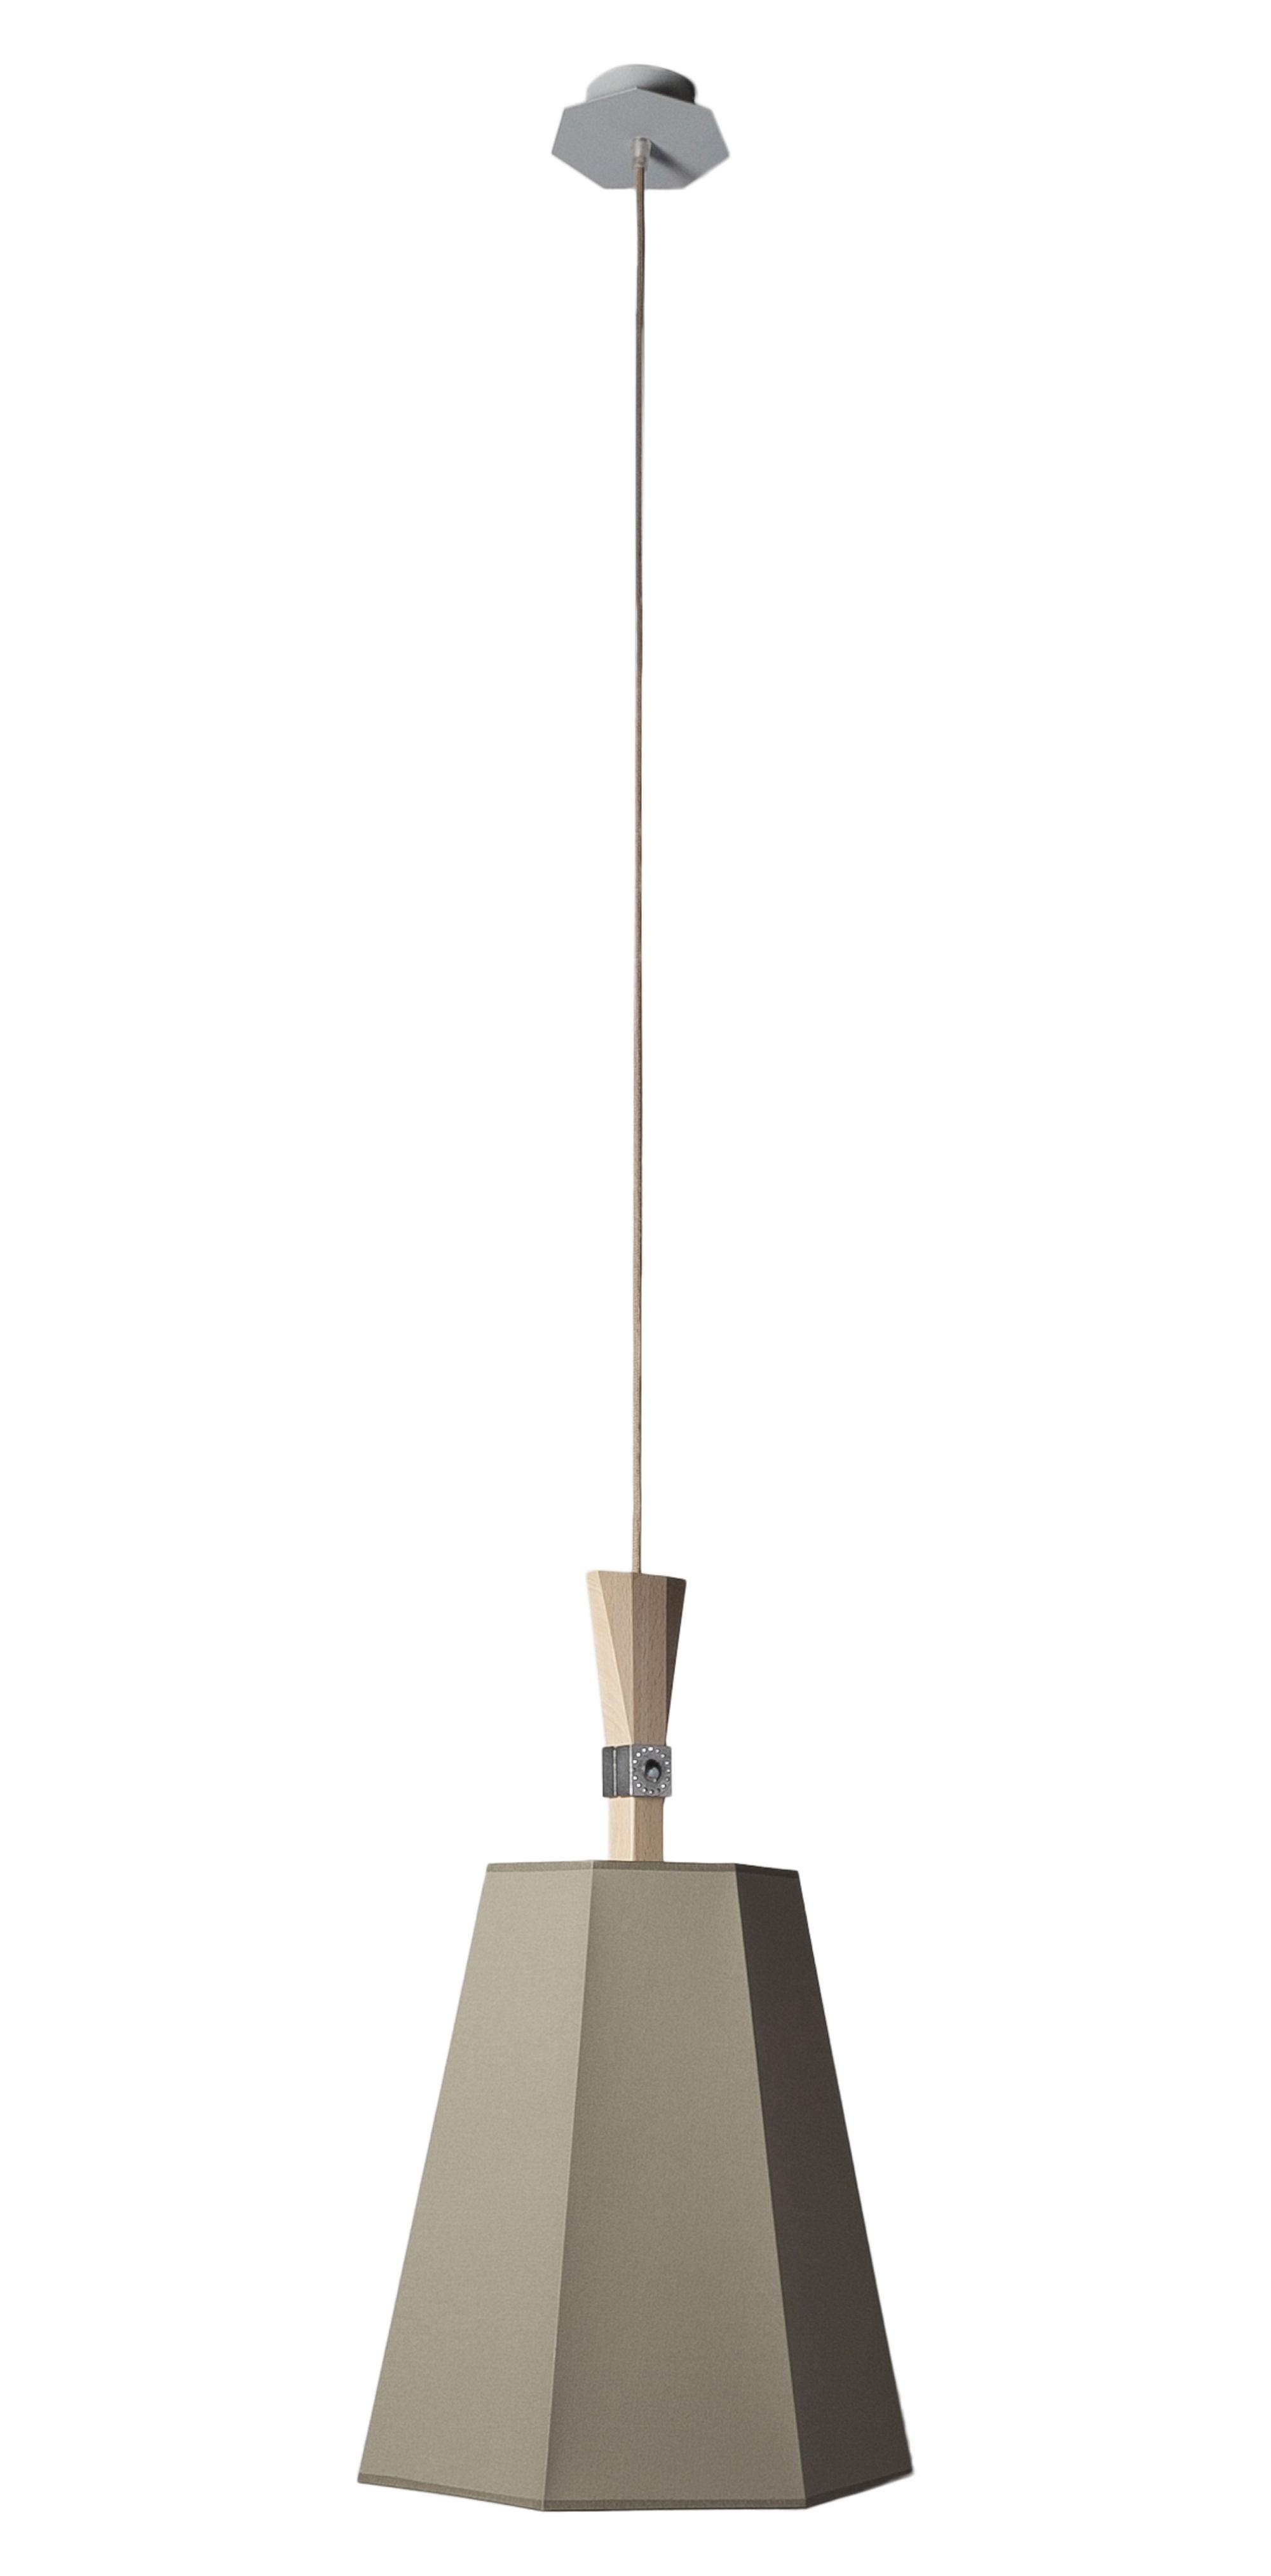 Leuchten - Pendelleuchten - LuXiole Pendelleuchte Ø 40 cm - Designheure - Lampenschirm khaki / Innenseite weiß - Baumwolle, Buchenfurnier